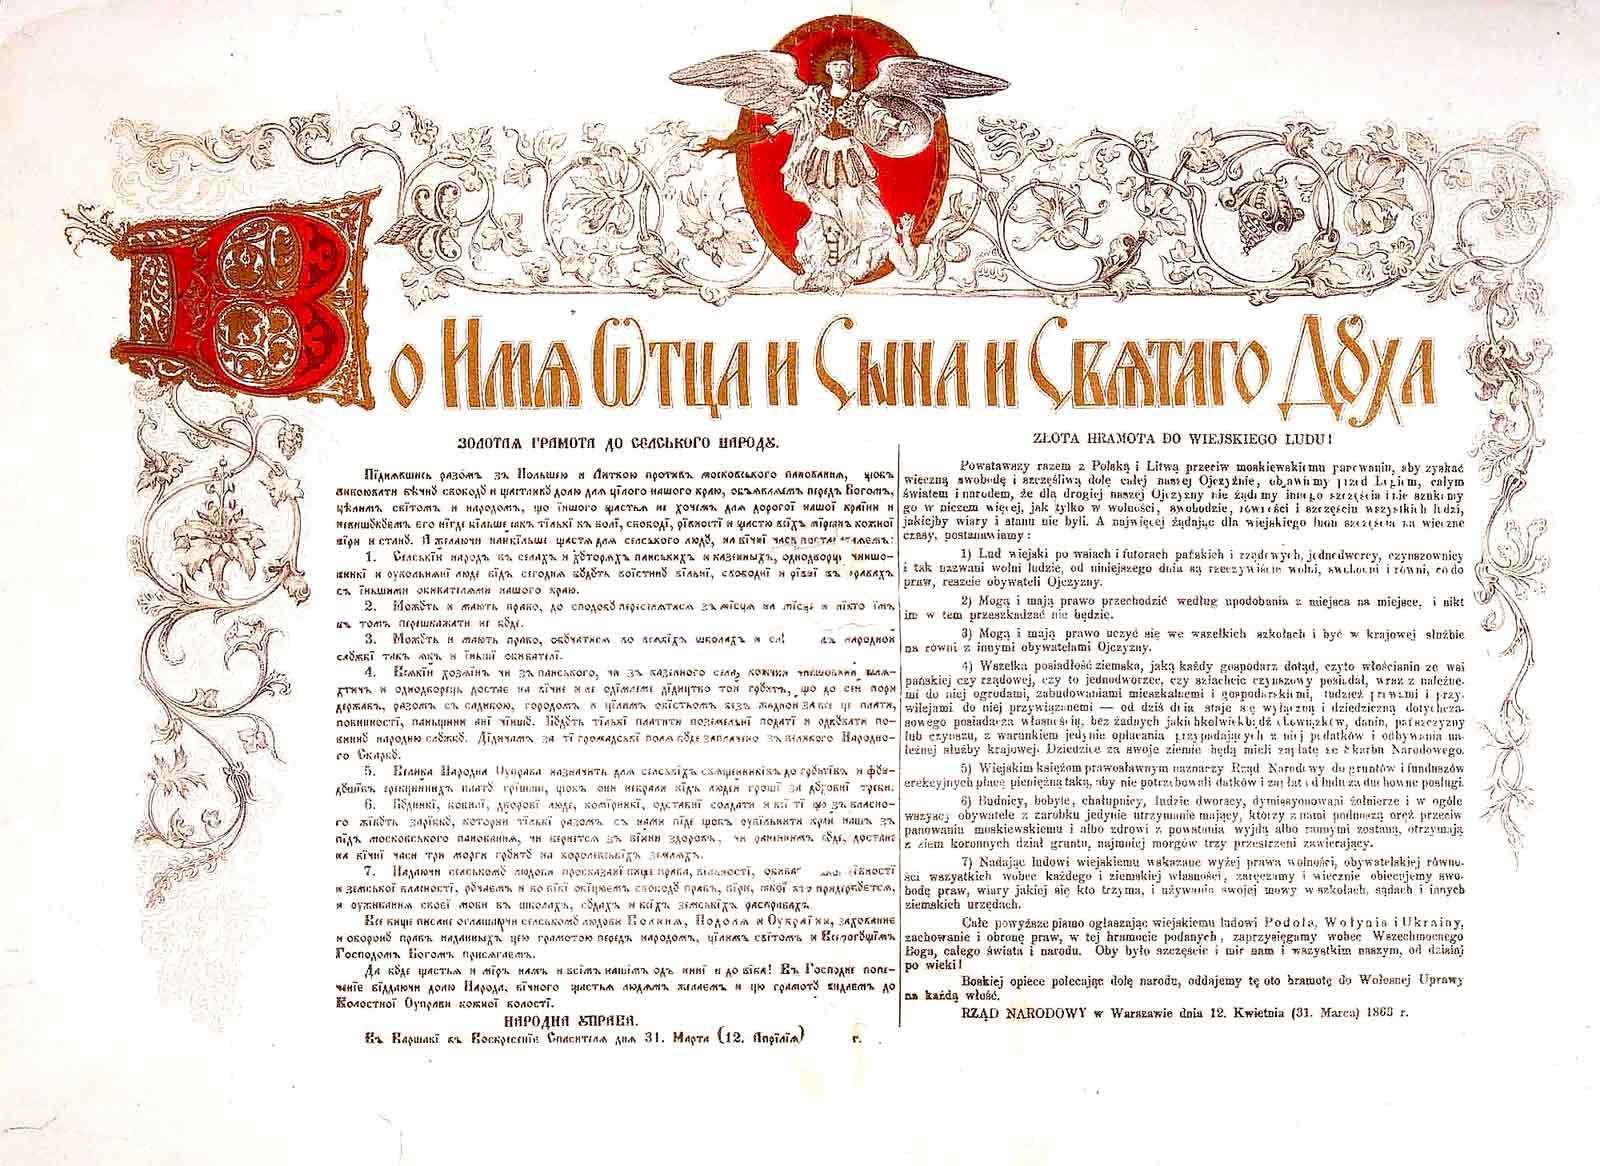 Odezwa do Rusinów - tak zwana Złota Hramota